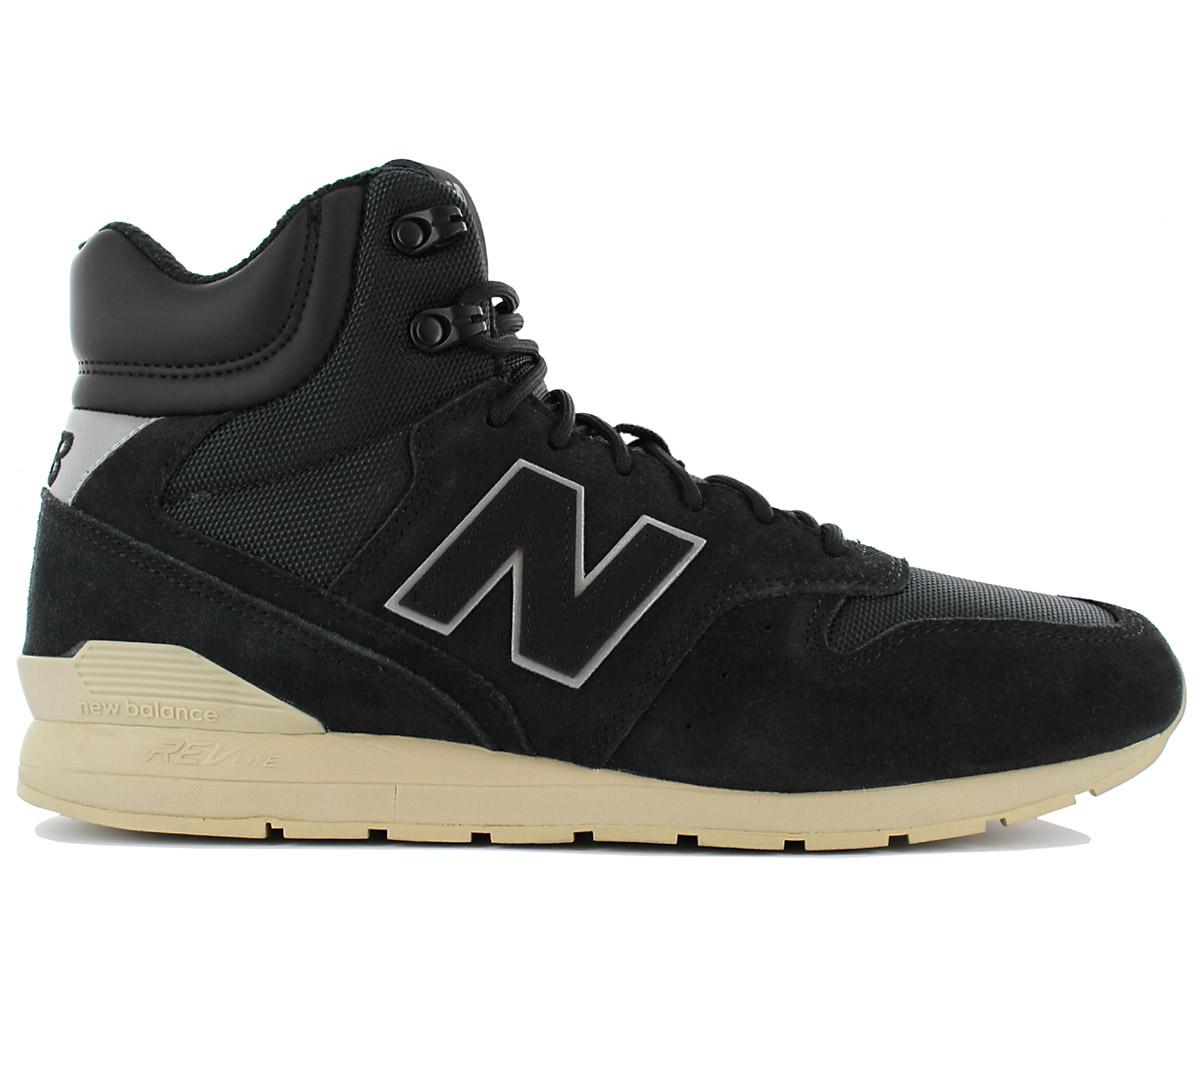 7fc51d96d24138 New Balance 996 High Sneaker Herren Leder Schuhe Schwarz MRH996BT ...